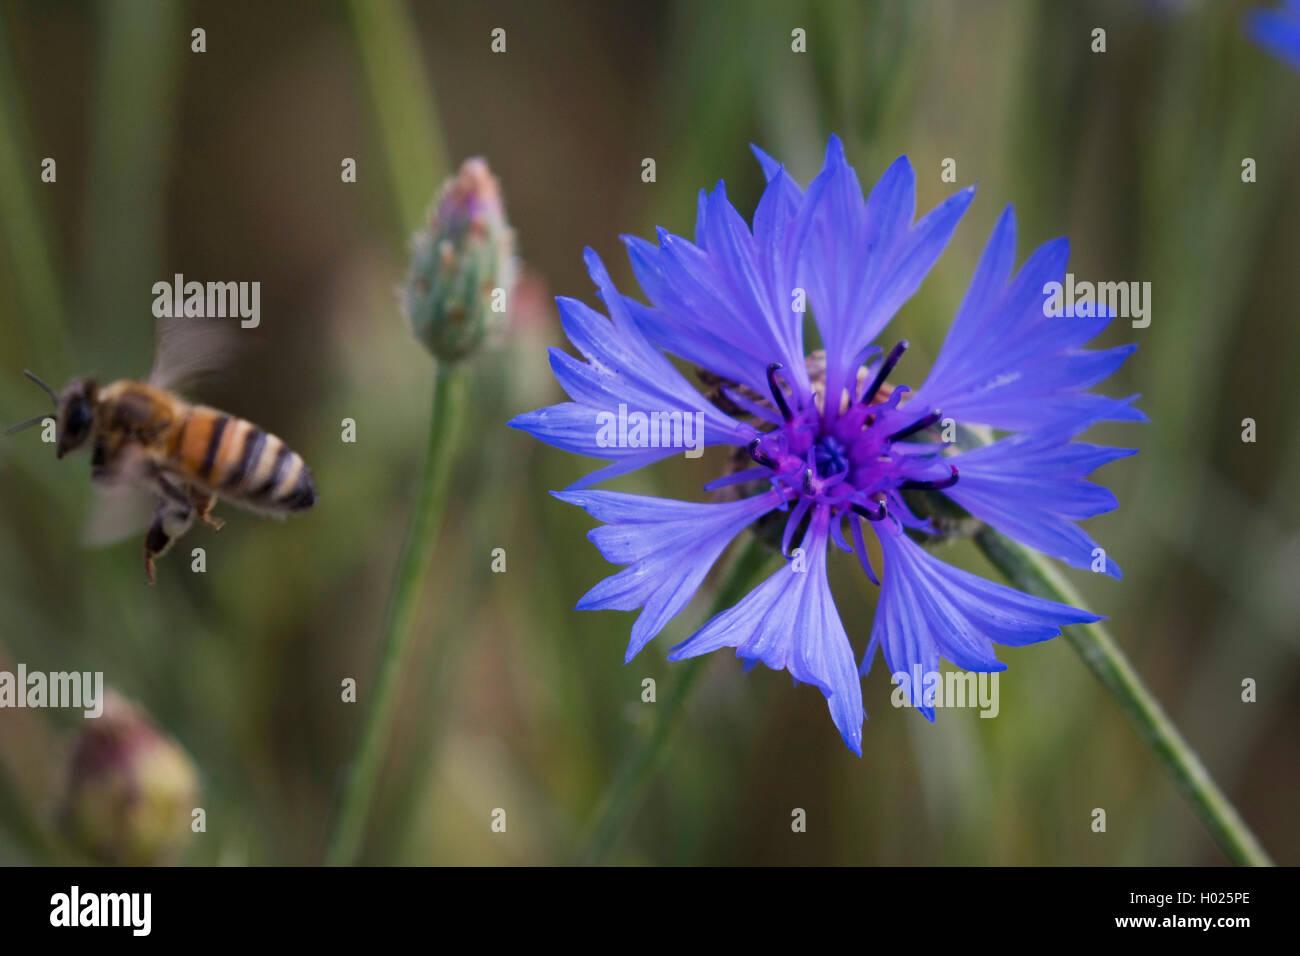 Kornblume (Centaurea cyanus), Bluete mit abfliegender Honigbiene, Deutschland, Bayern | bachelor's button, bluebottle, - Stock Image